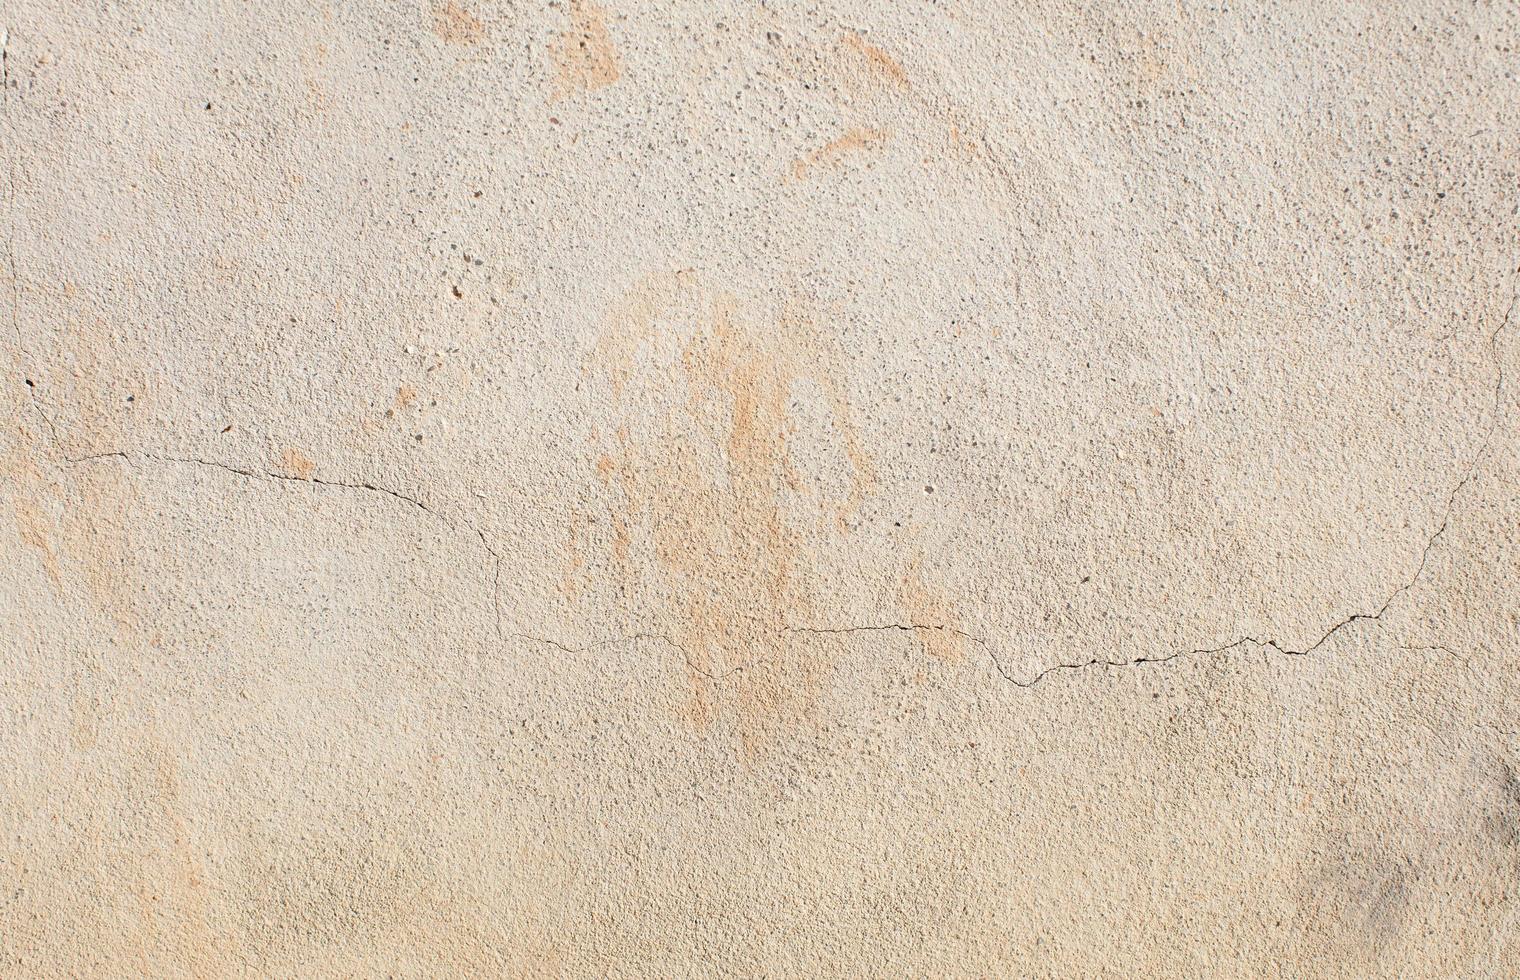 textura de la pared beige foto